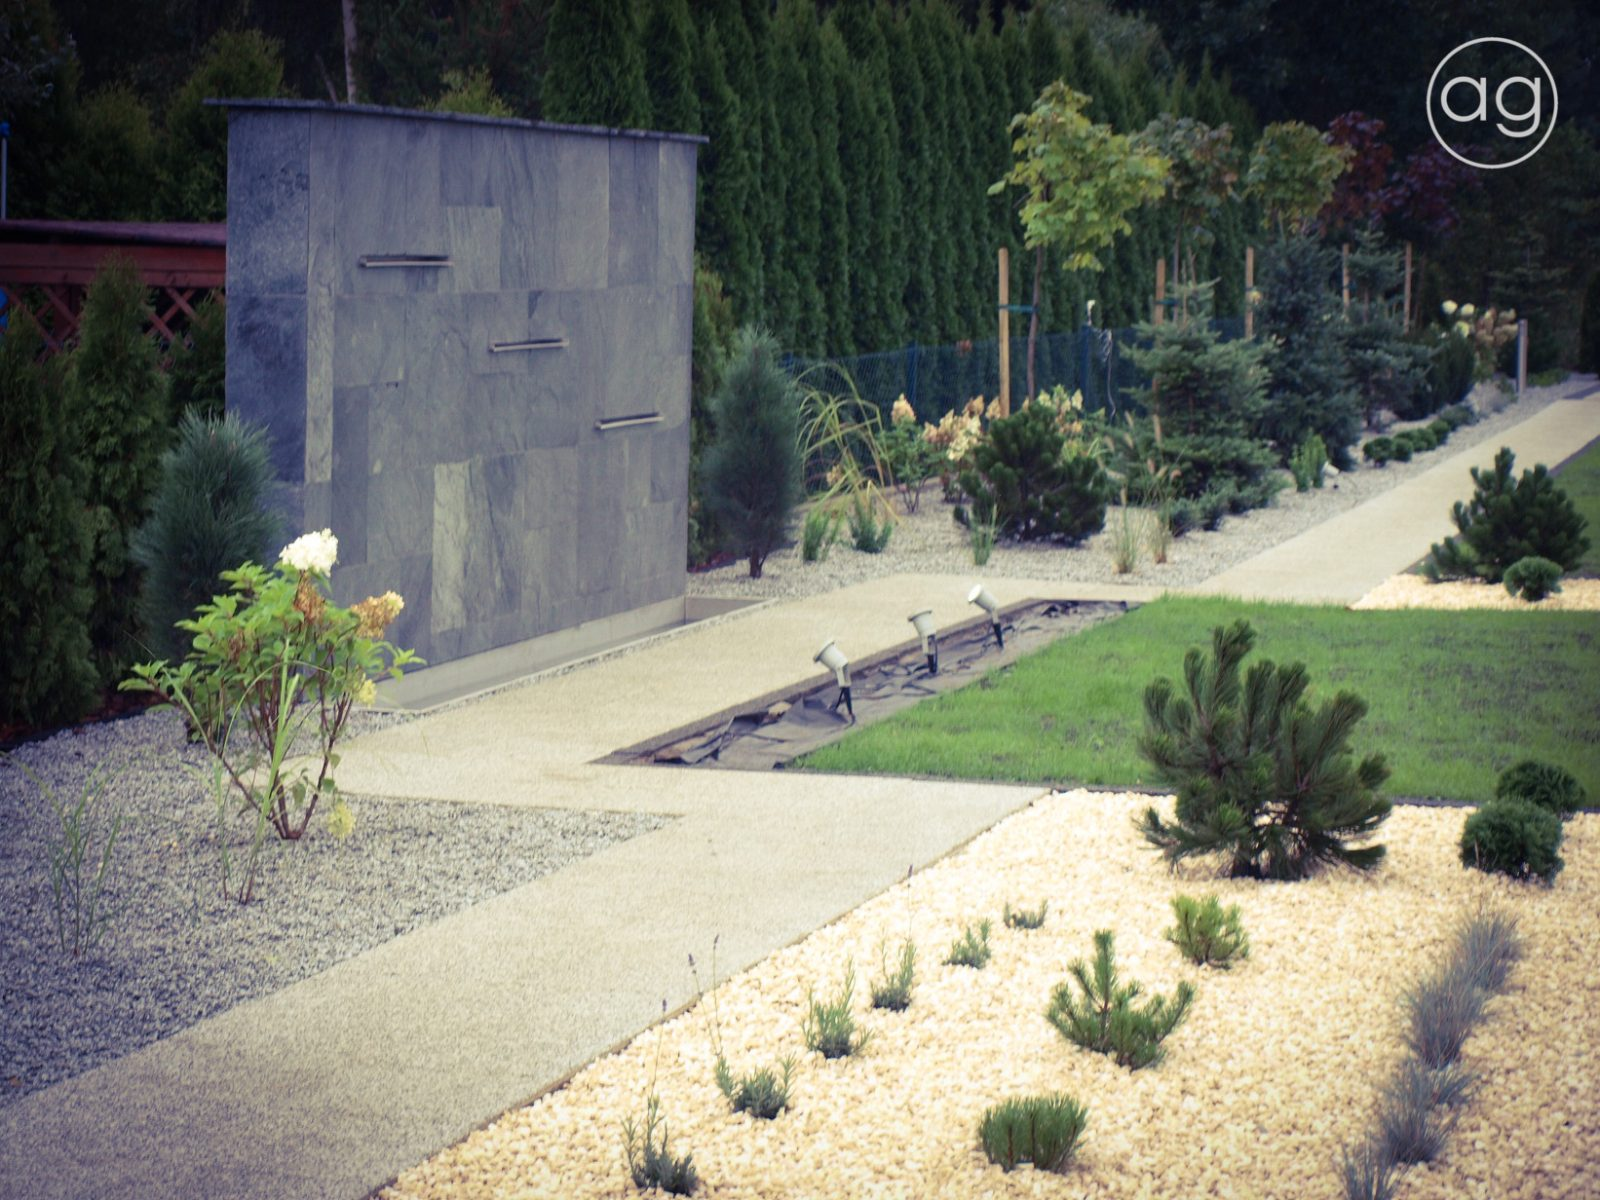 projektowanie ogrodów, projekt, ogrody, architektura krajobrazu, architektura, krajobraz, blog, przyroda, rośliny, natura, agnieszka gertner, architecture, gardens, landscape, design, ściana wodna, woda,oczko wodne